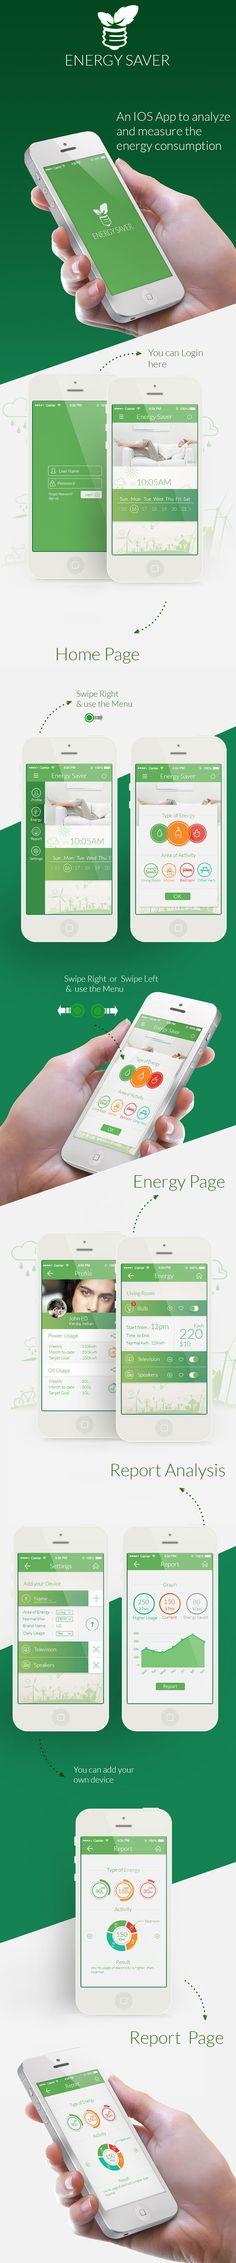 Daily Mobile UI Design Inspiration #323